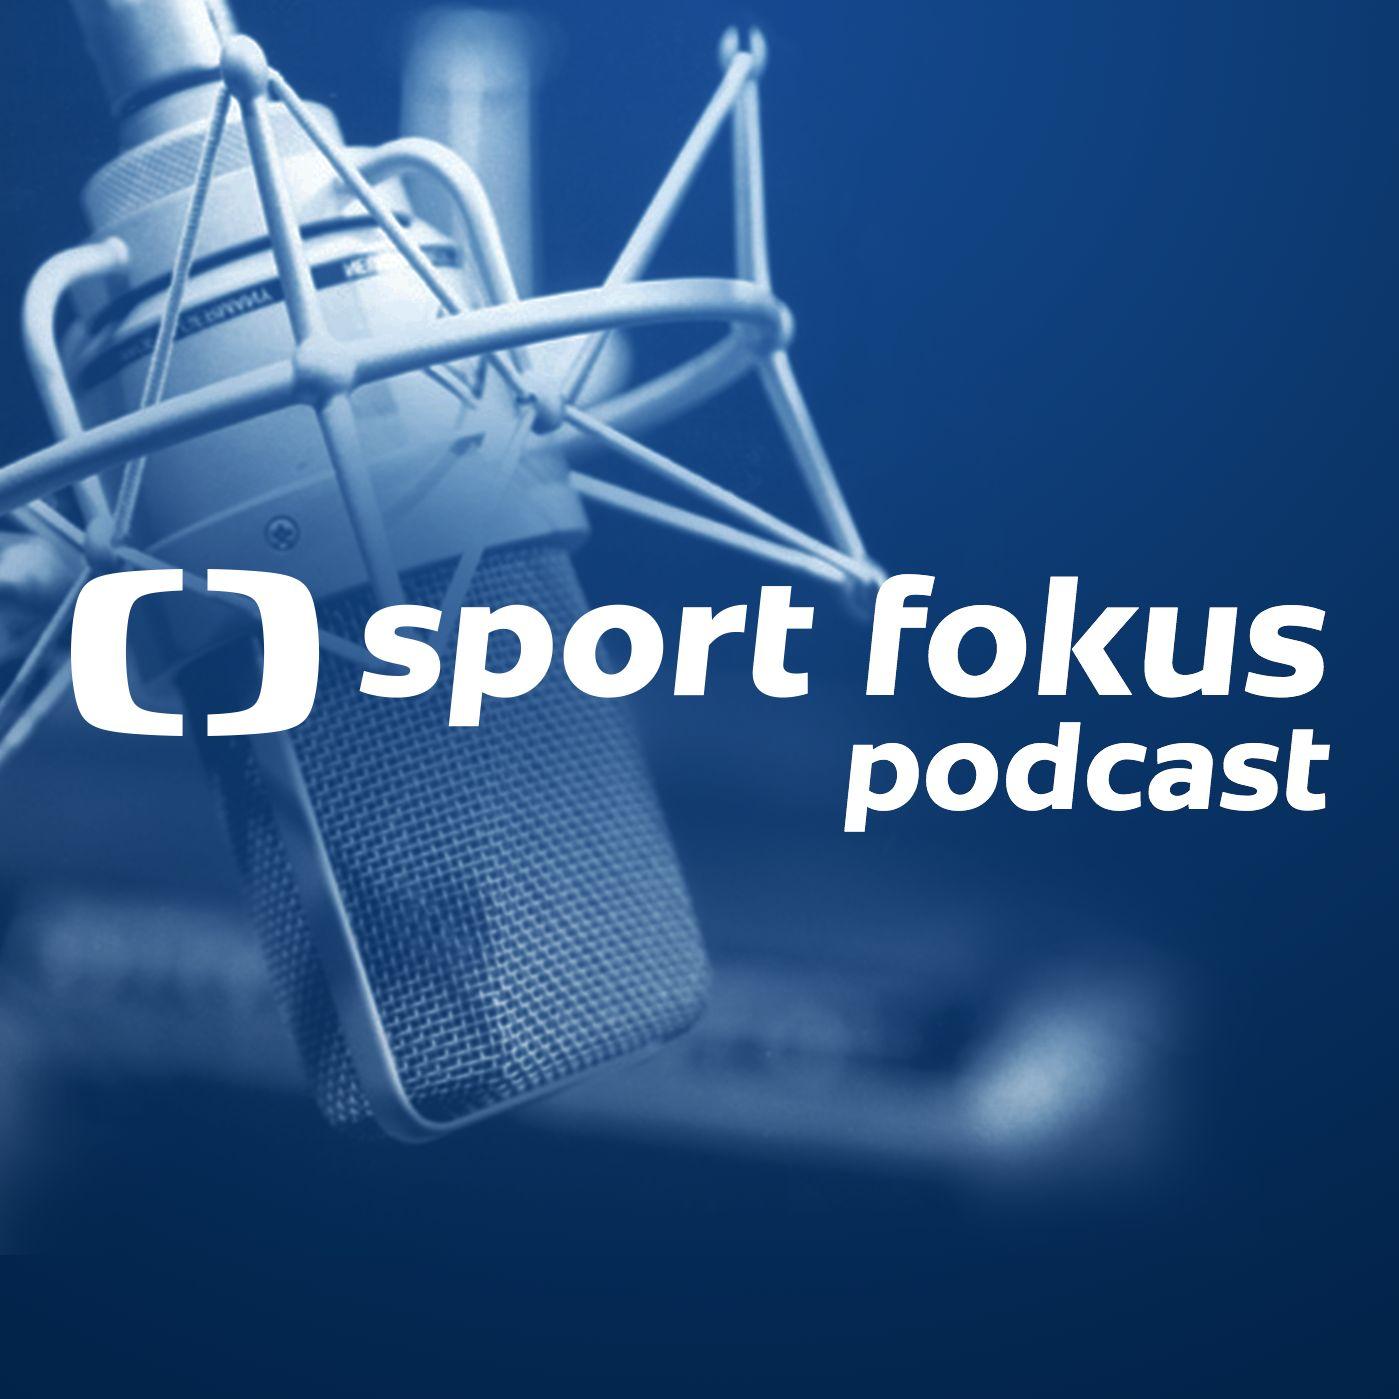 Basketbal fokus podcast: Jak probíhá přestupová sezona v NBA?